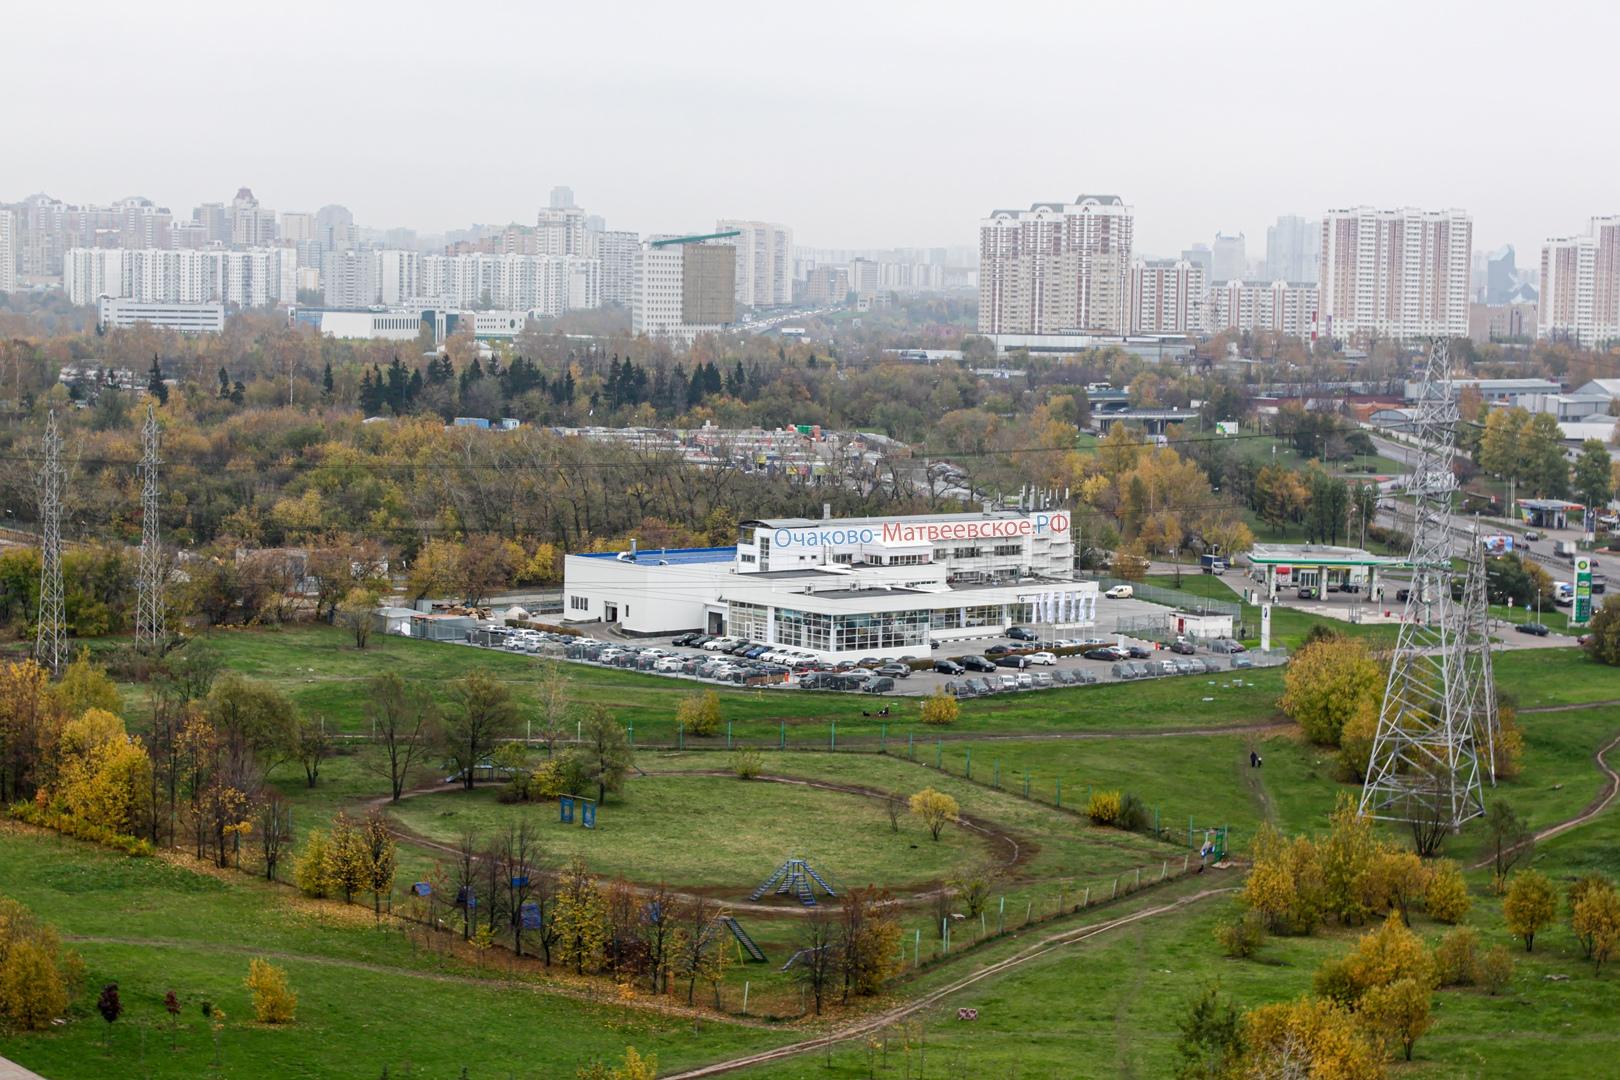 2013 Когда-то в районе Очаково-Матвеевское